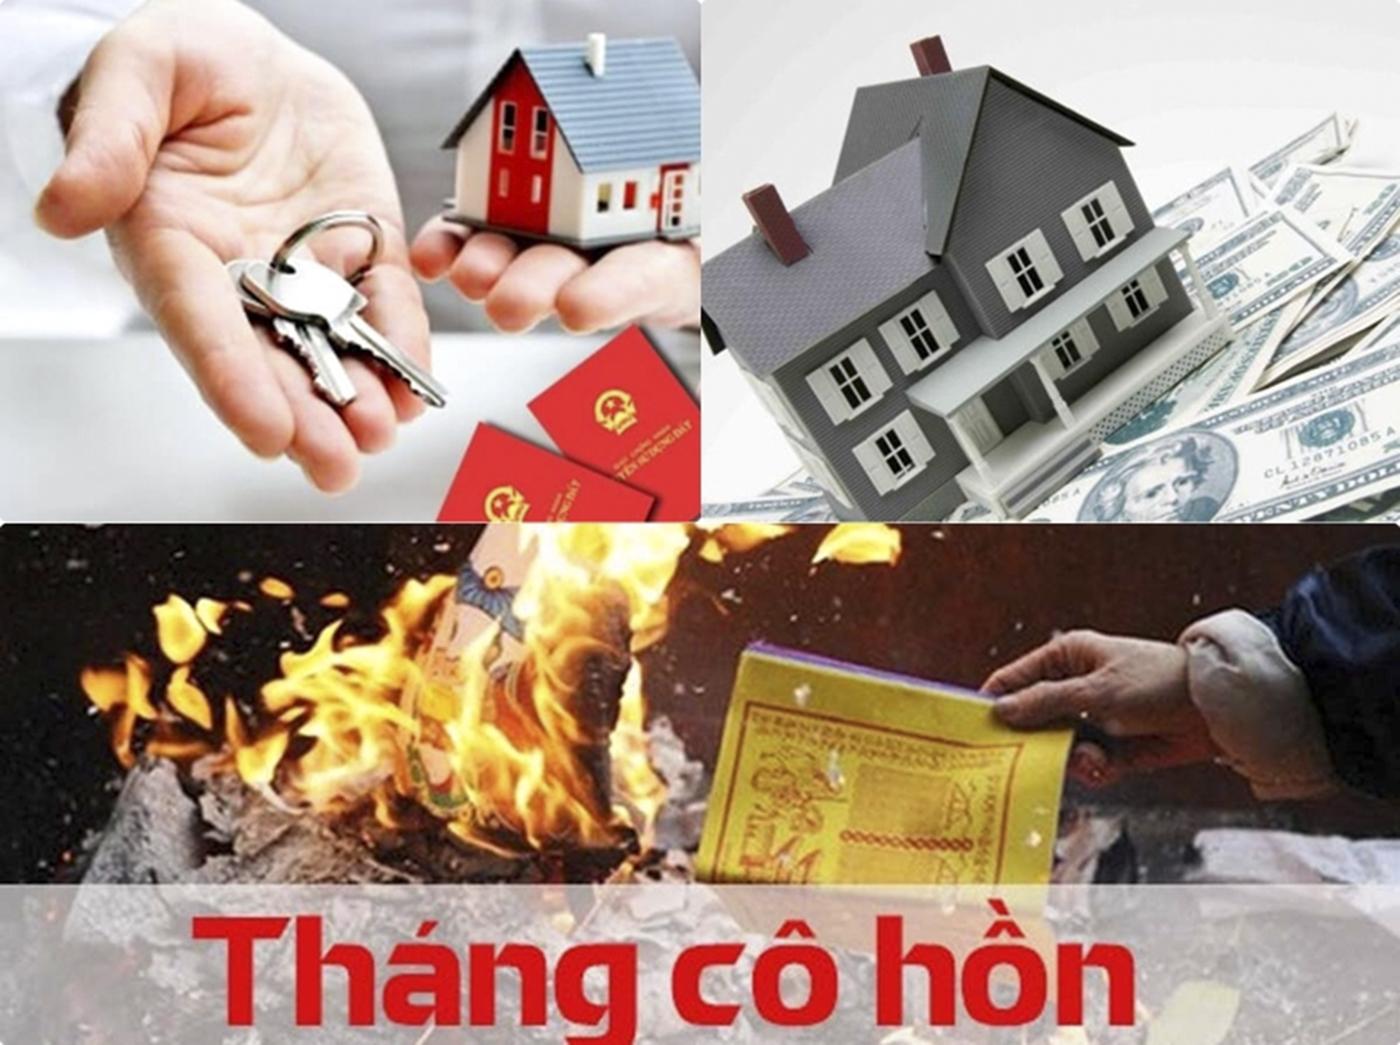 thang-co-hon-1.jpg